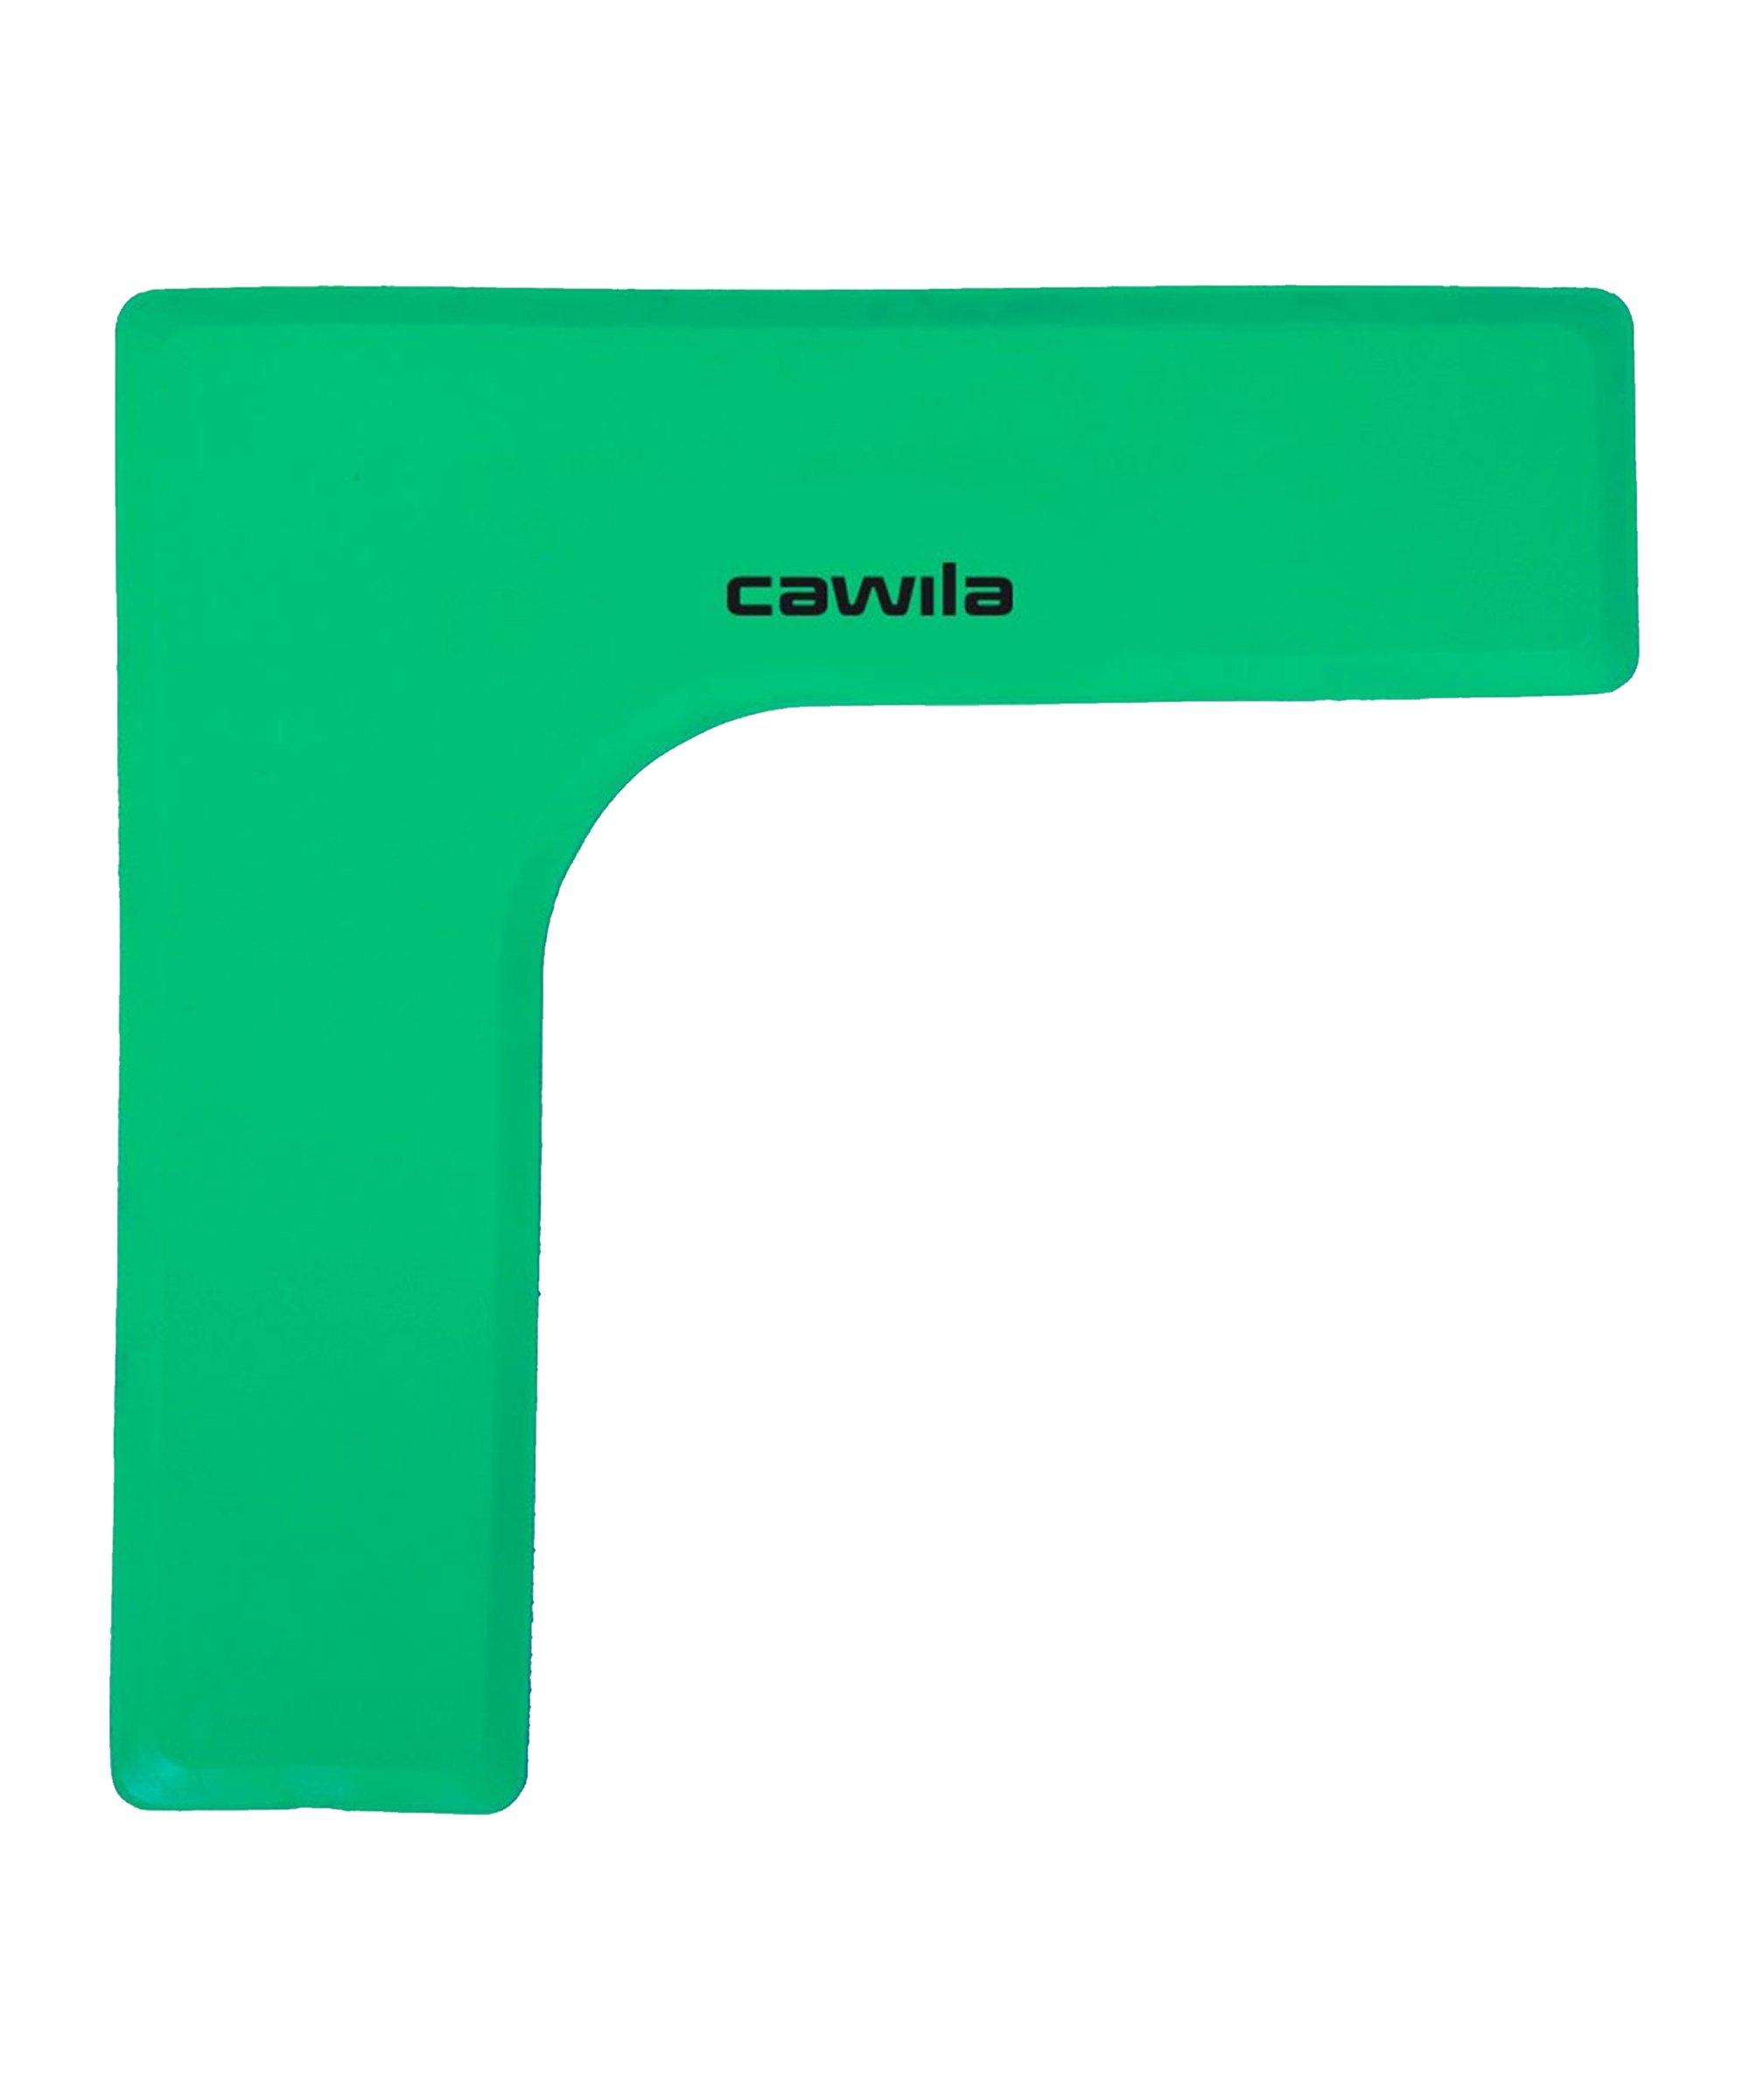 Cawila Marker-System Ecke 27 x 27 x 75cm Grün - gruen